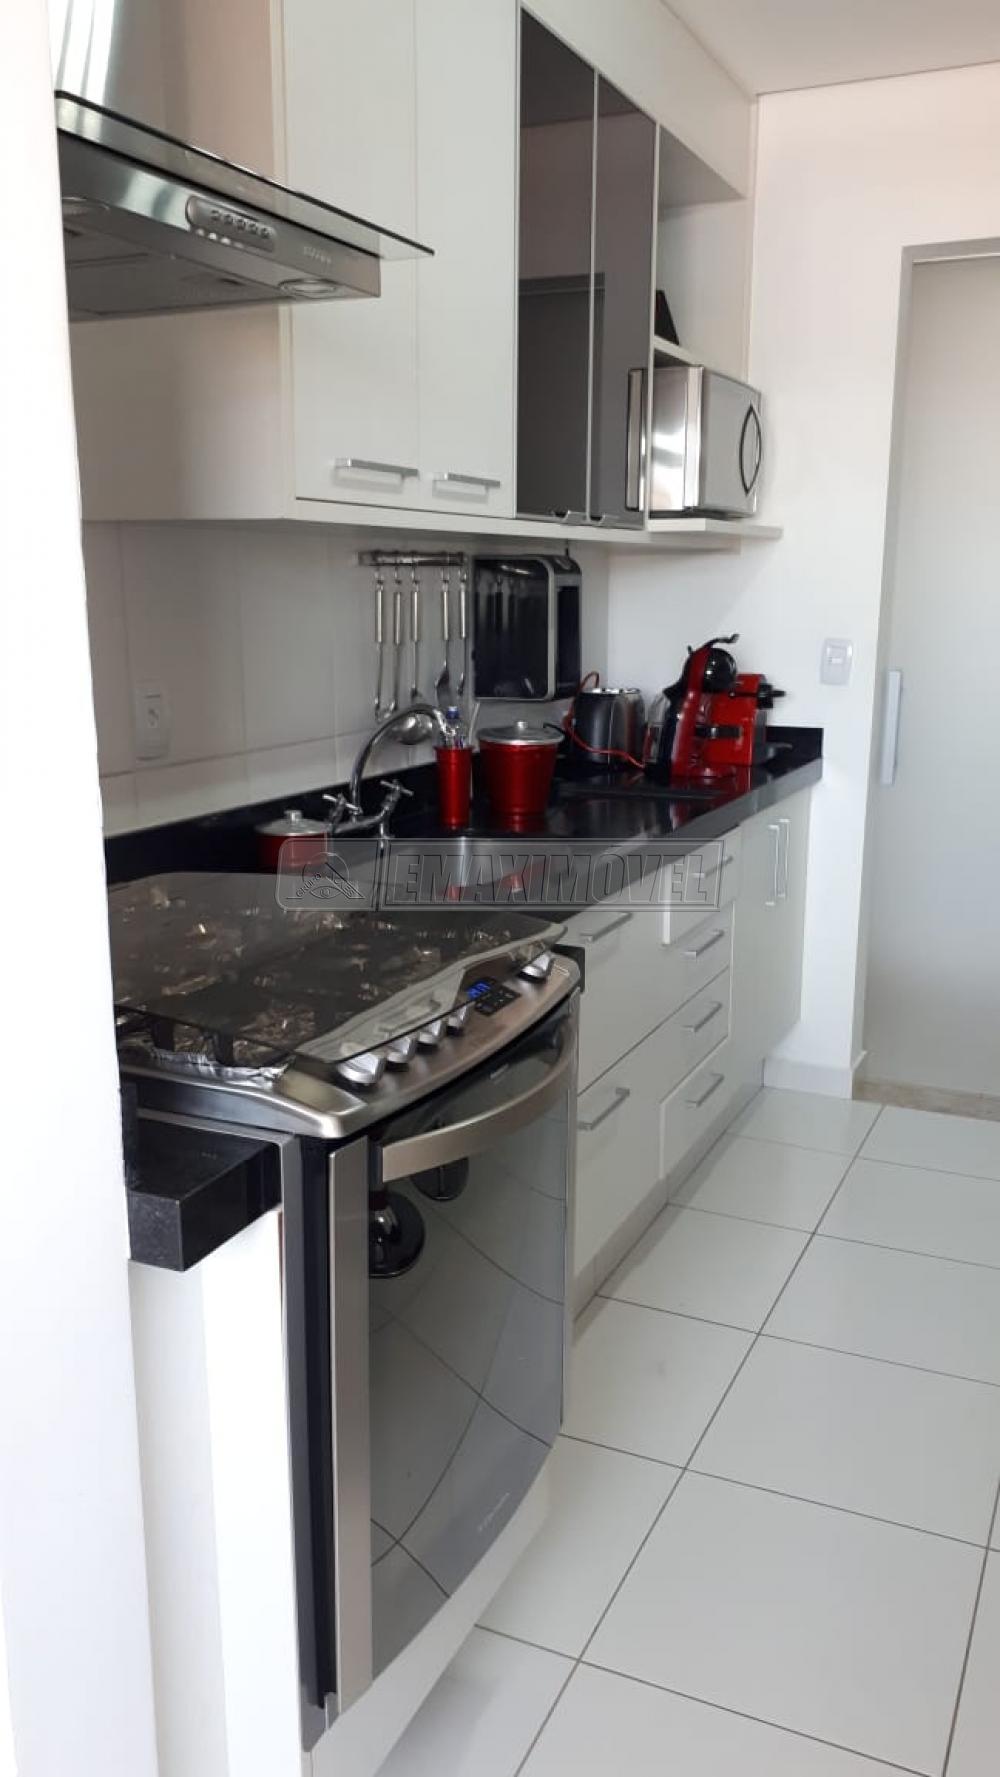 Comprar Apartamentos / Apto Padrão em Sorocaba apenas R$ 430.000,00 - Foto 10